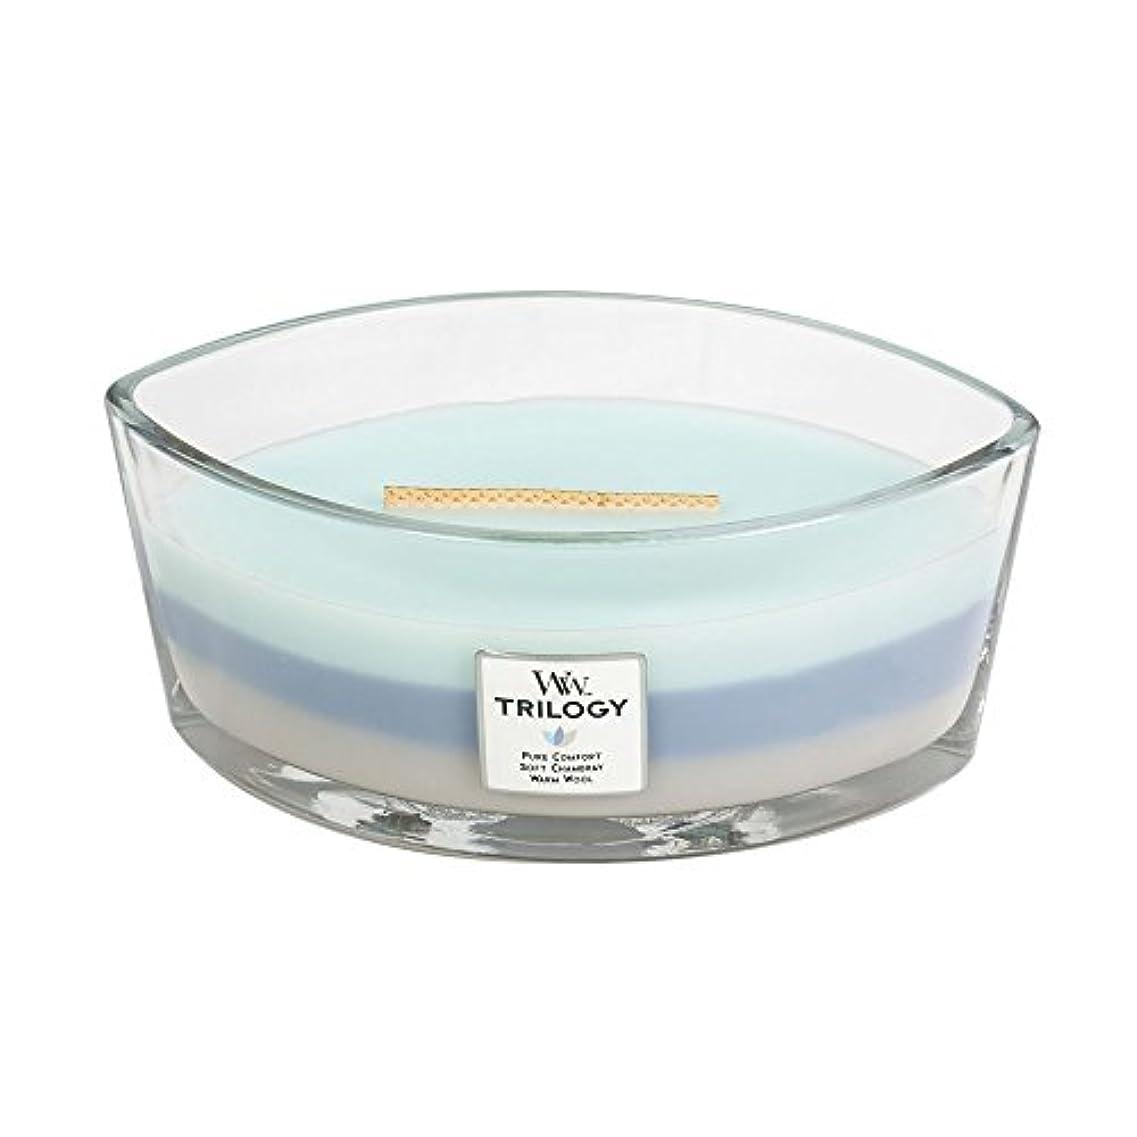 玉十分ミルクWoodWick Trilogy WOVEN COMFORTS, 3-in-1 Highly Scented Candle, Ellipse Glass Jar with Original HearthWick Flame...